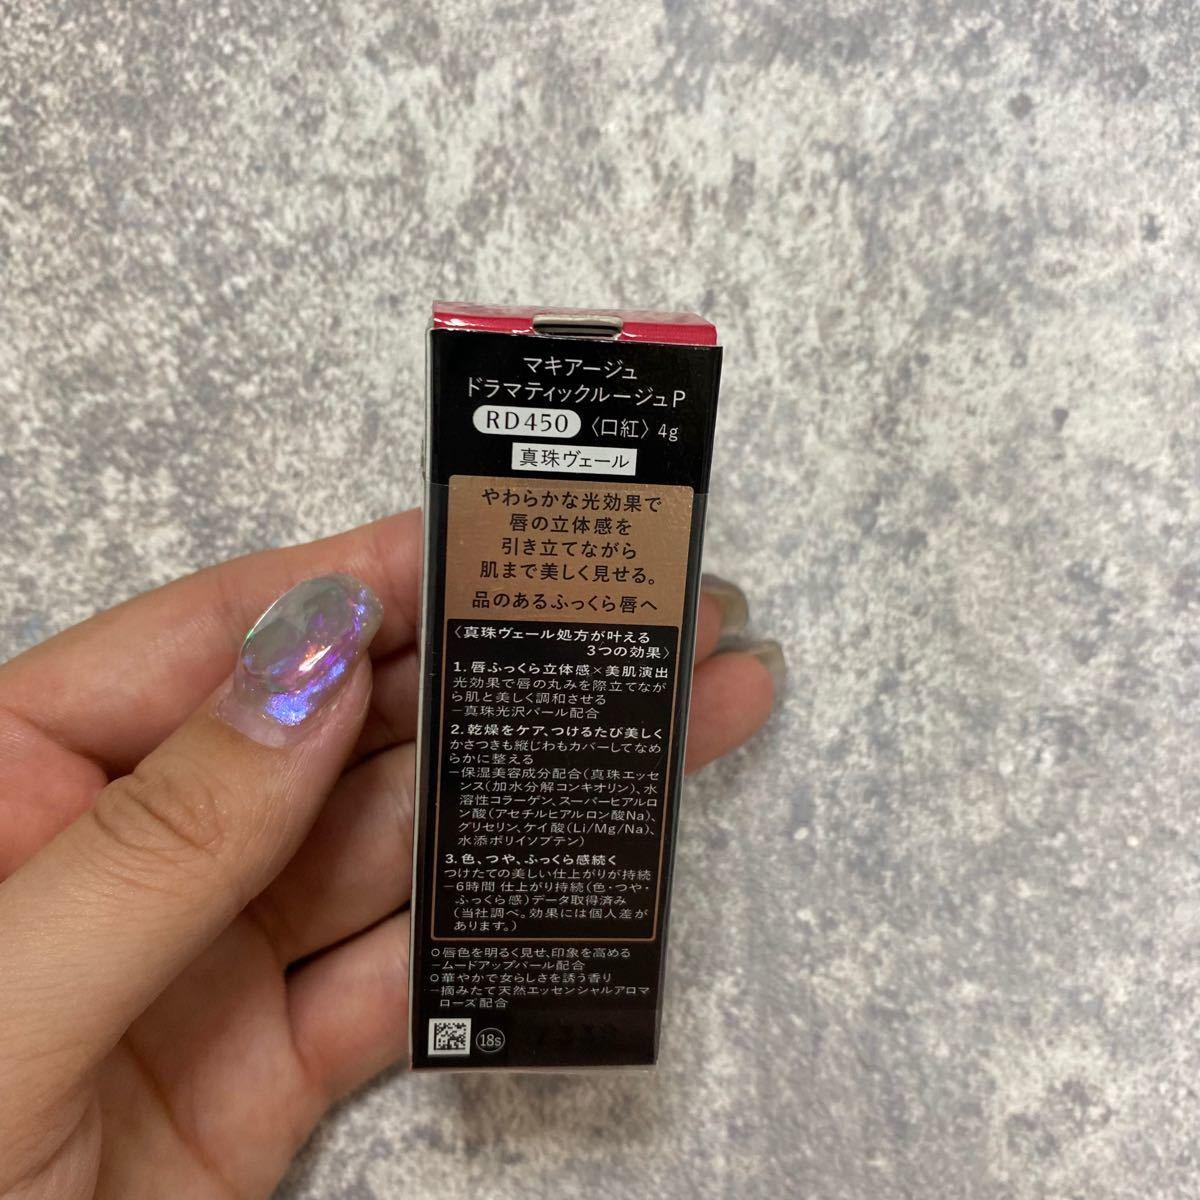 マキアージュ ドラマティックルージュP RD450 4g